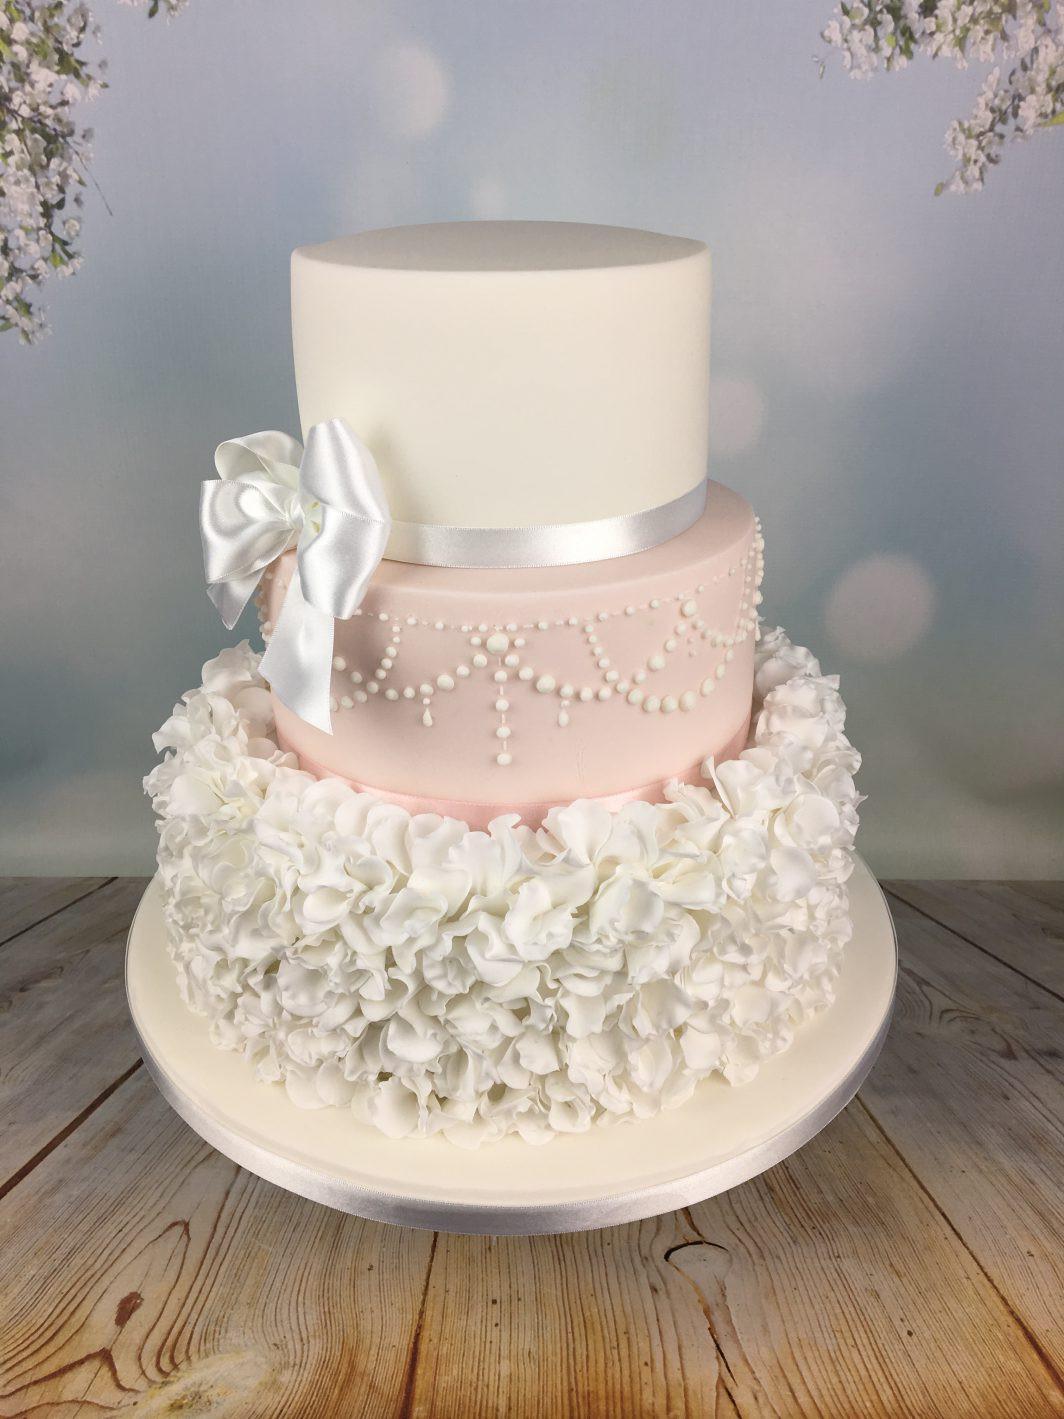 White And Pink Wedding Cakes  Sugar ruffles wedding cake Archives Mel s Amazing Cakes